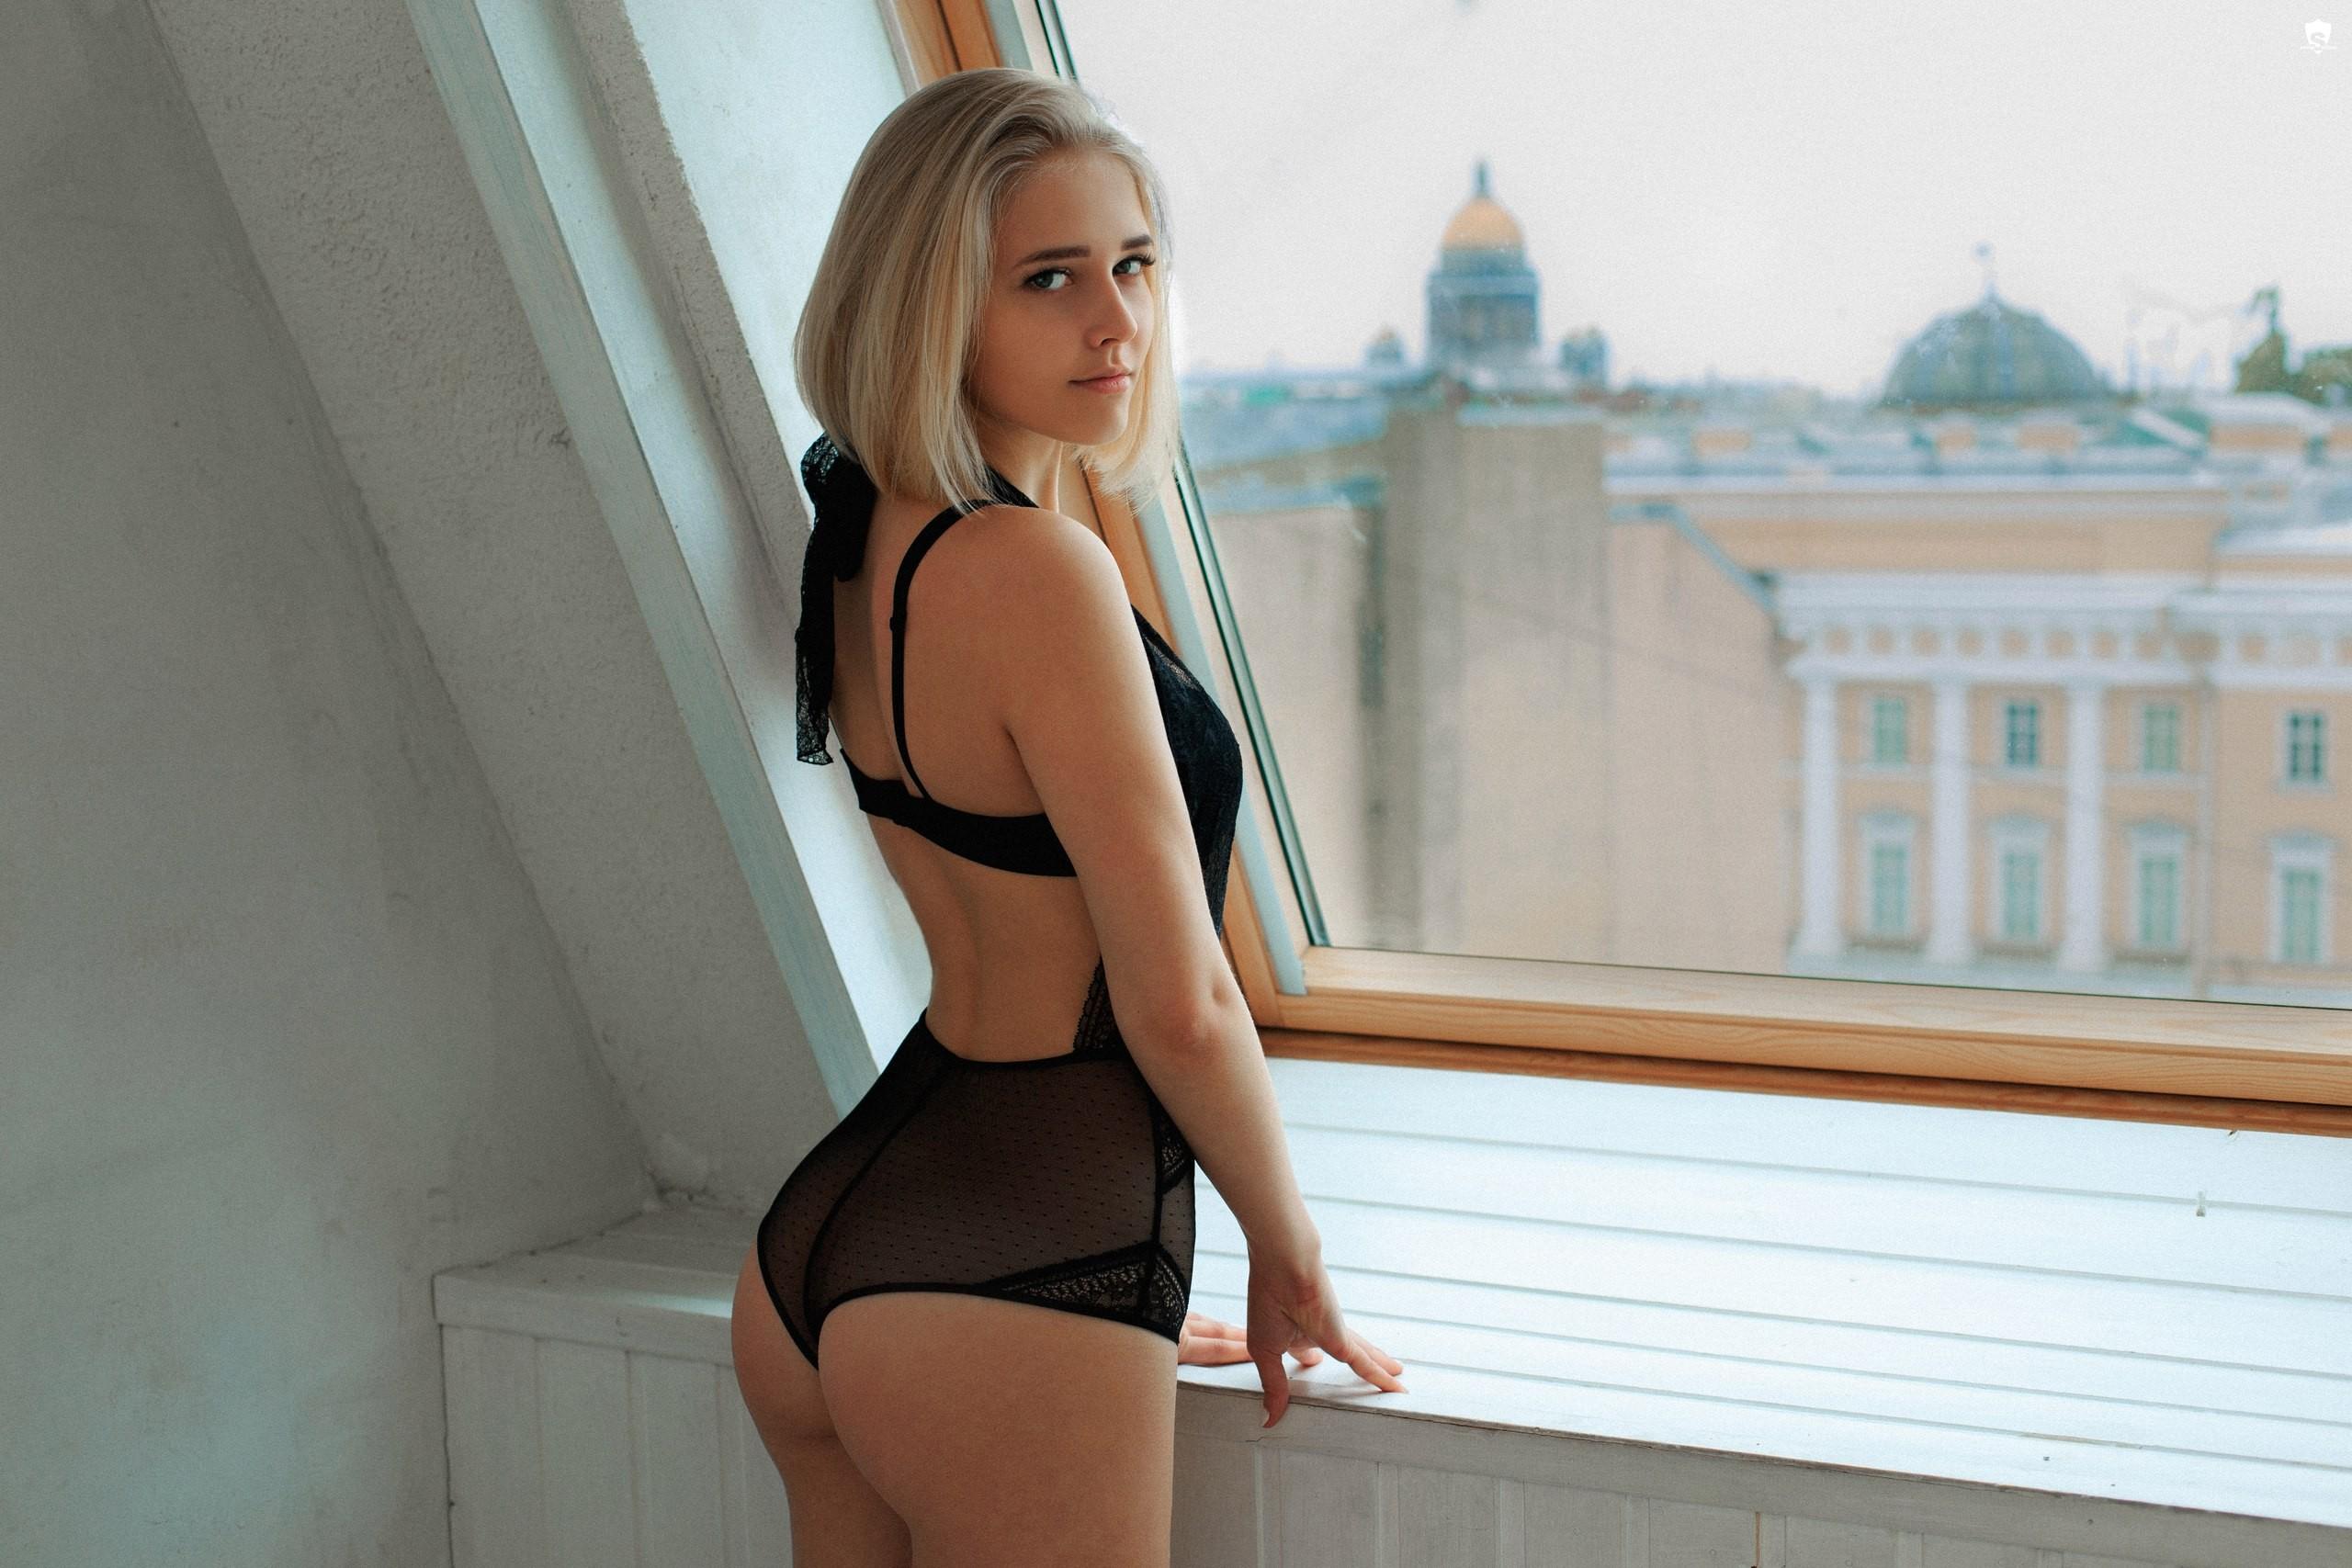 short girl ass